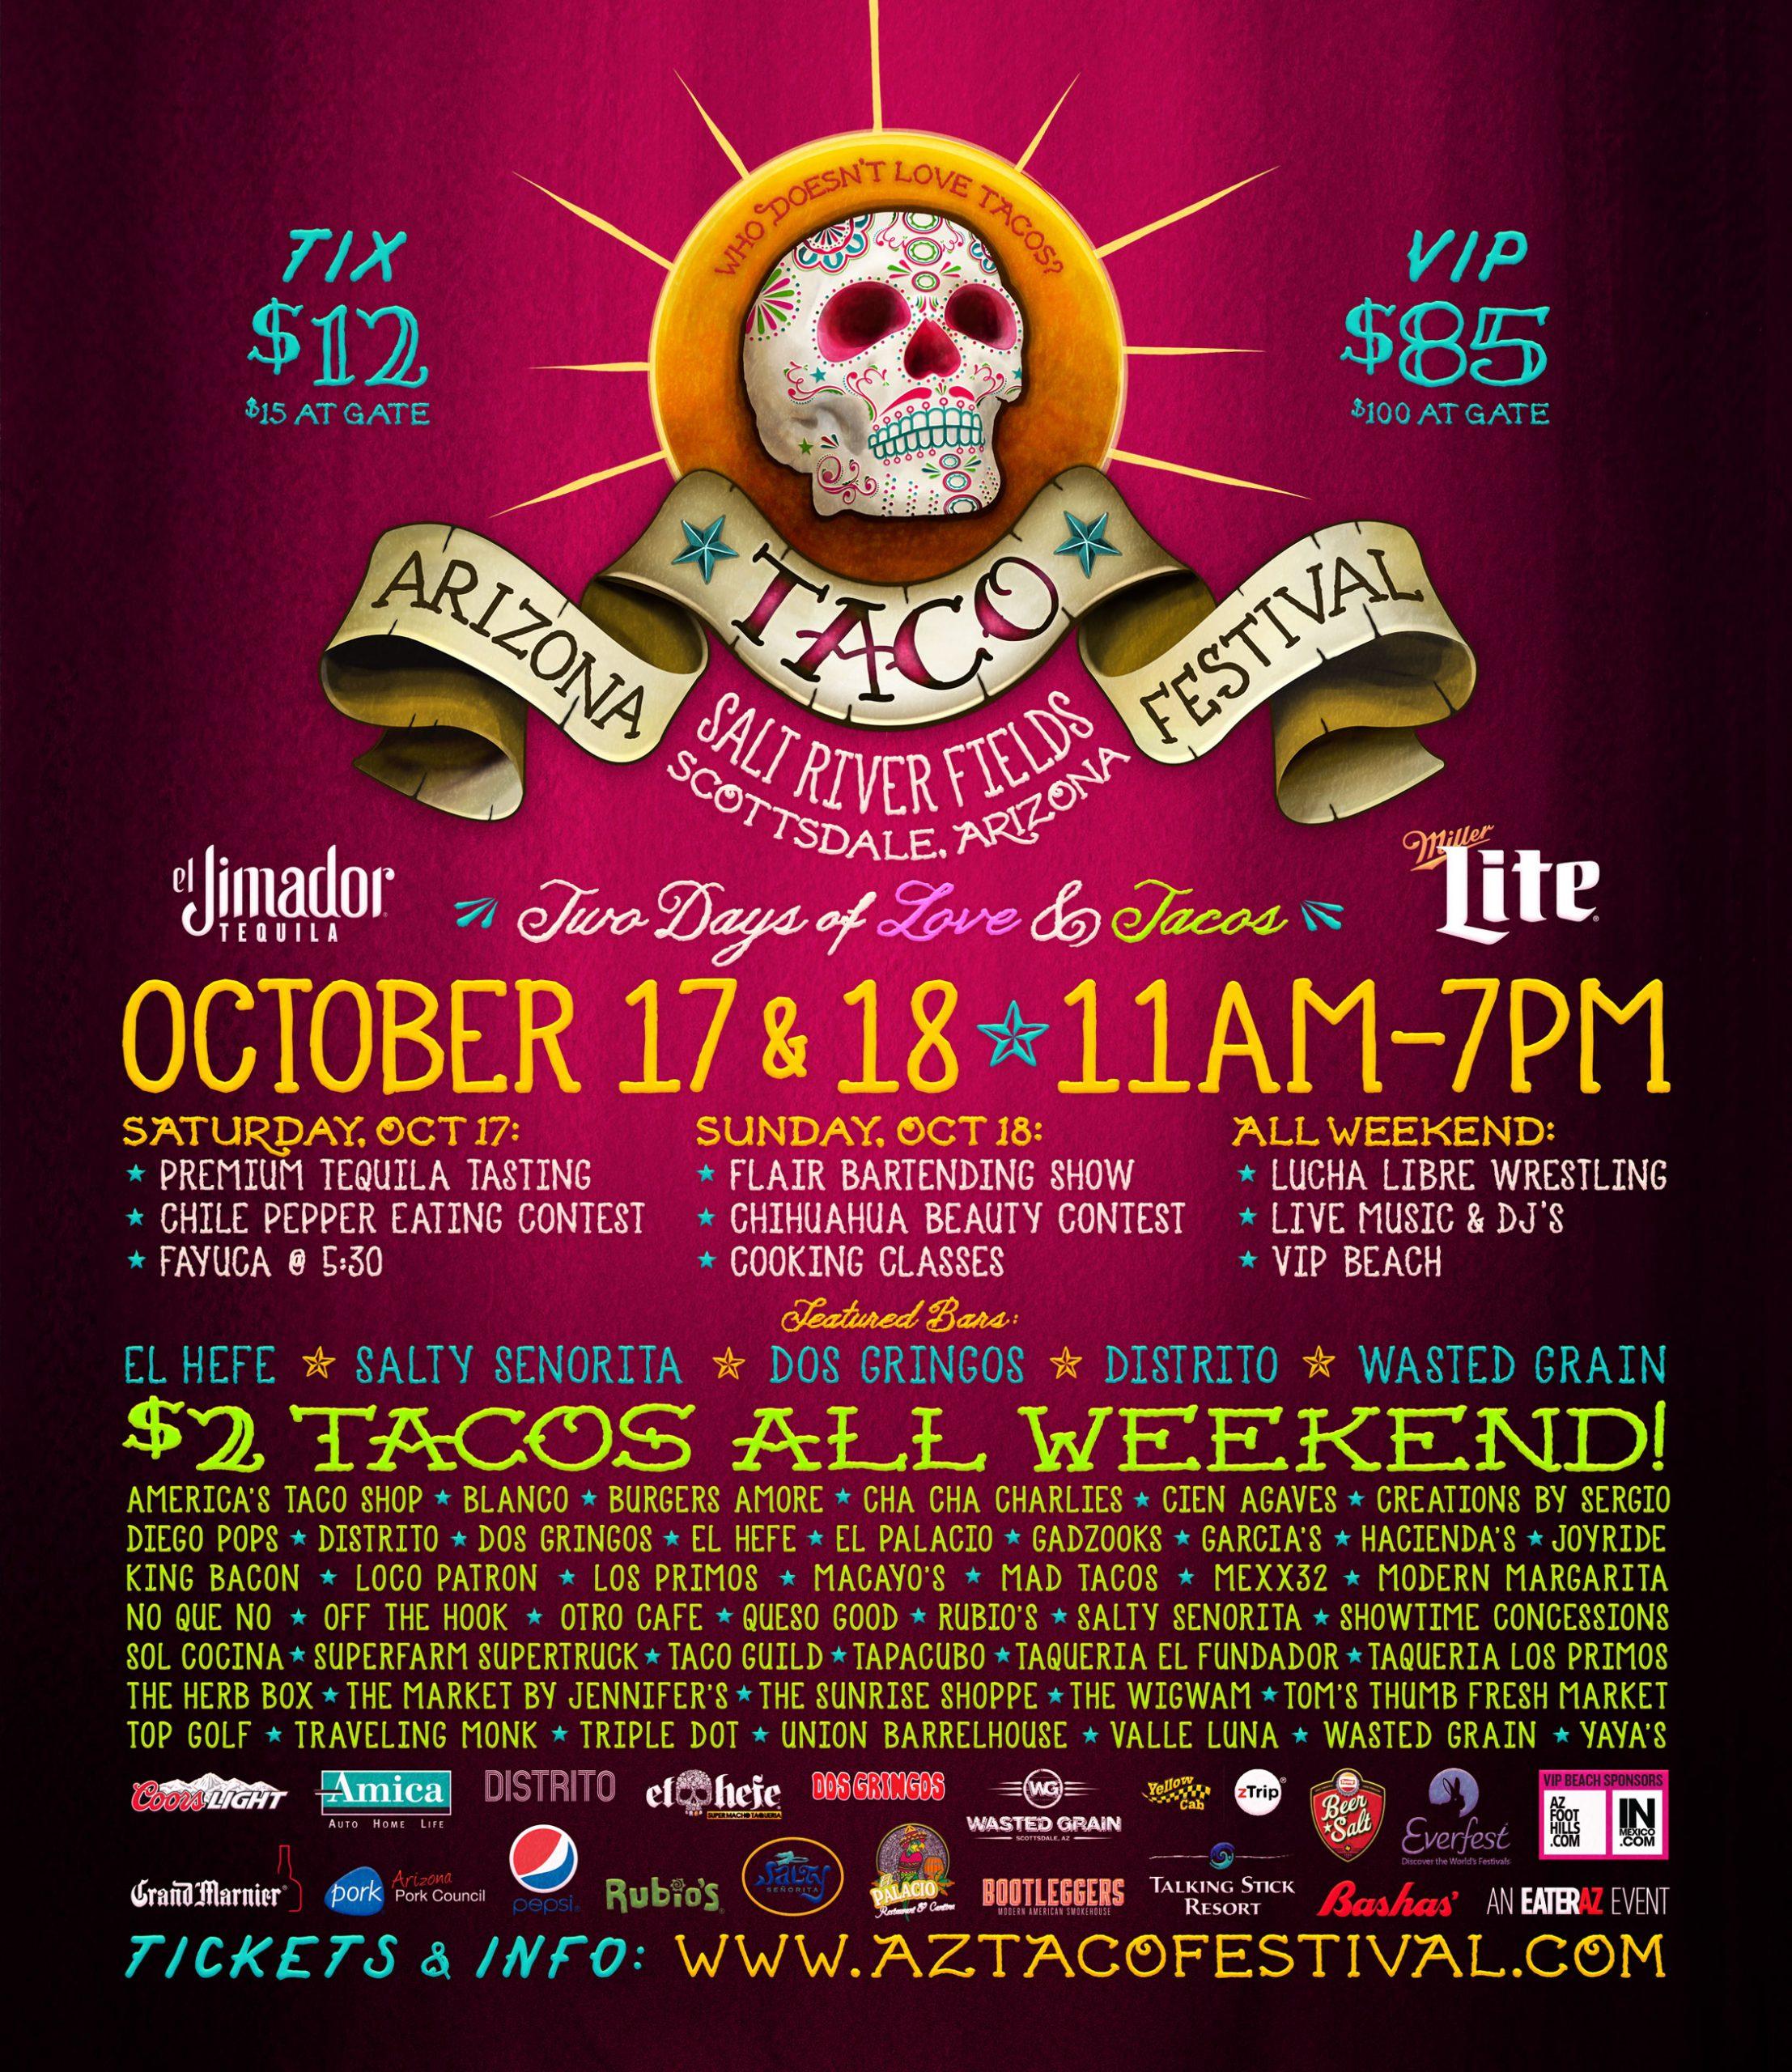 AZ Taco Fest 2015